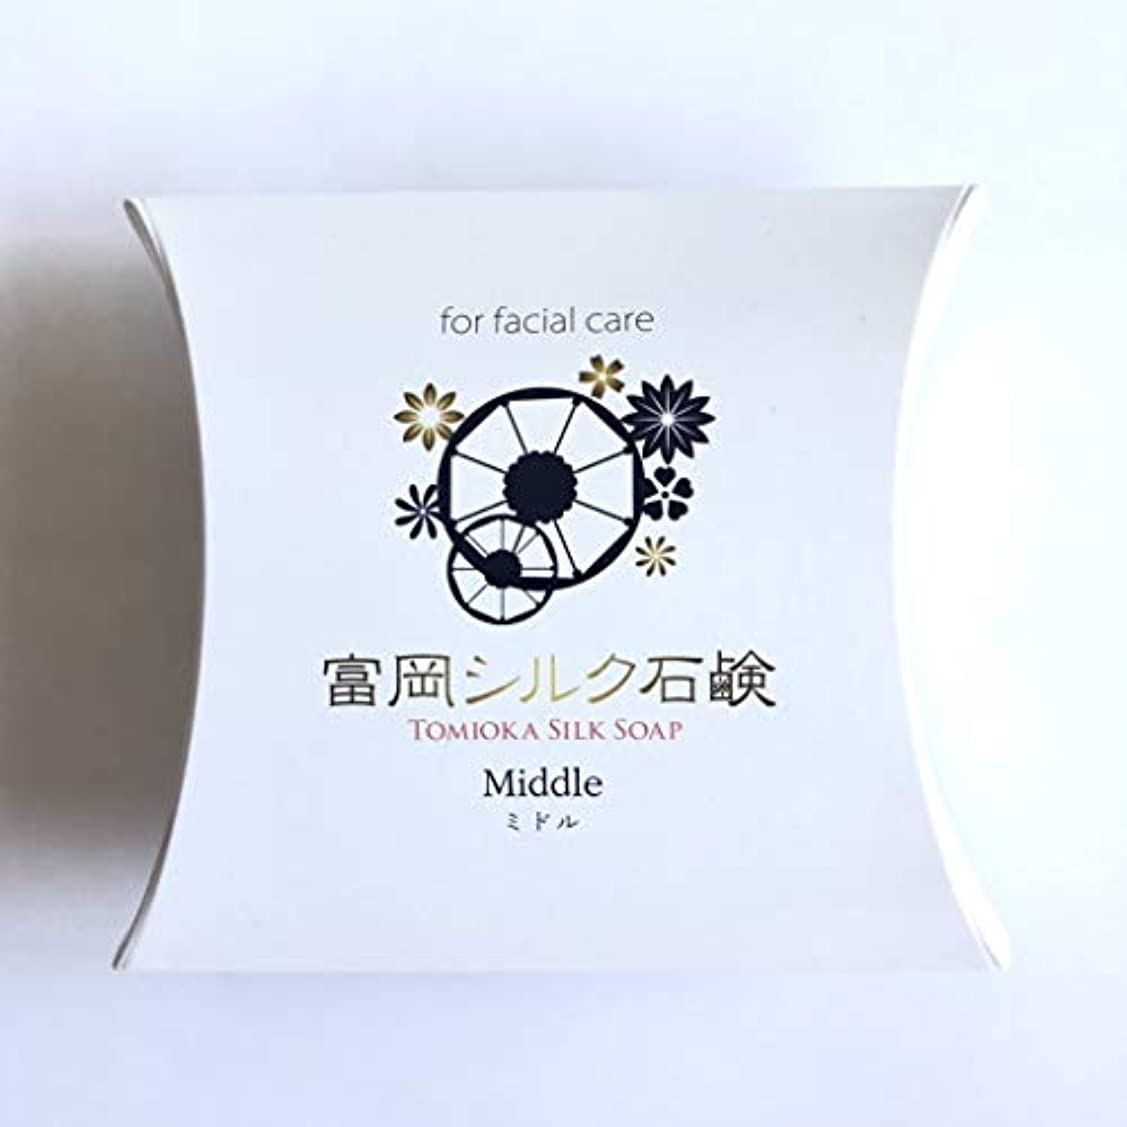 マントル学んだ拒絶する絹工房 富岡シルク石鹸 ミドルサイズ(40g)